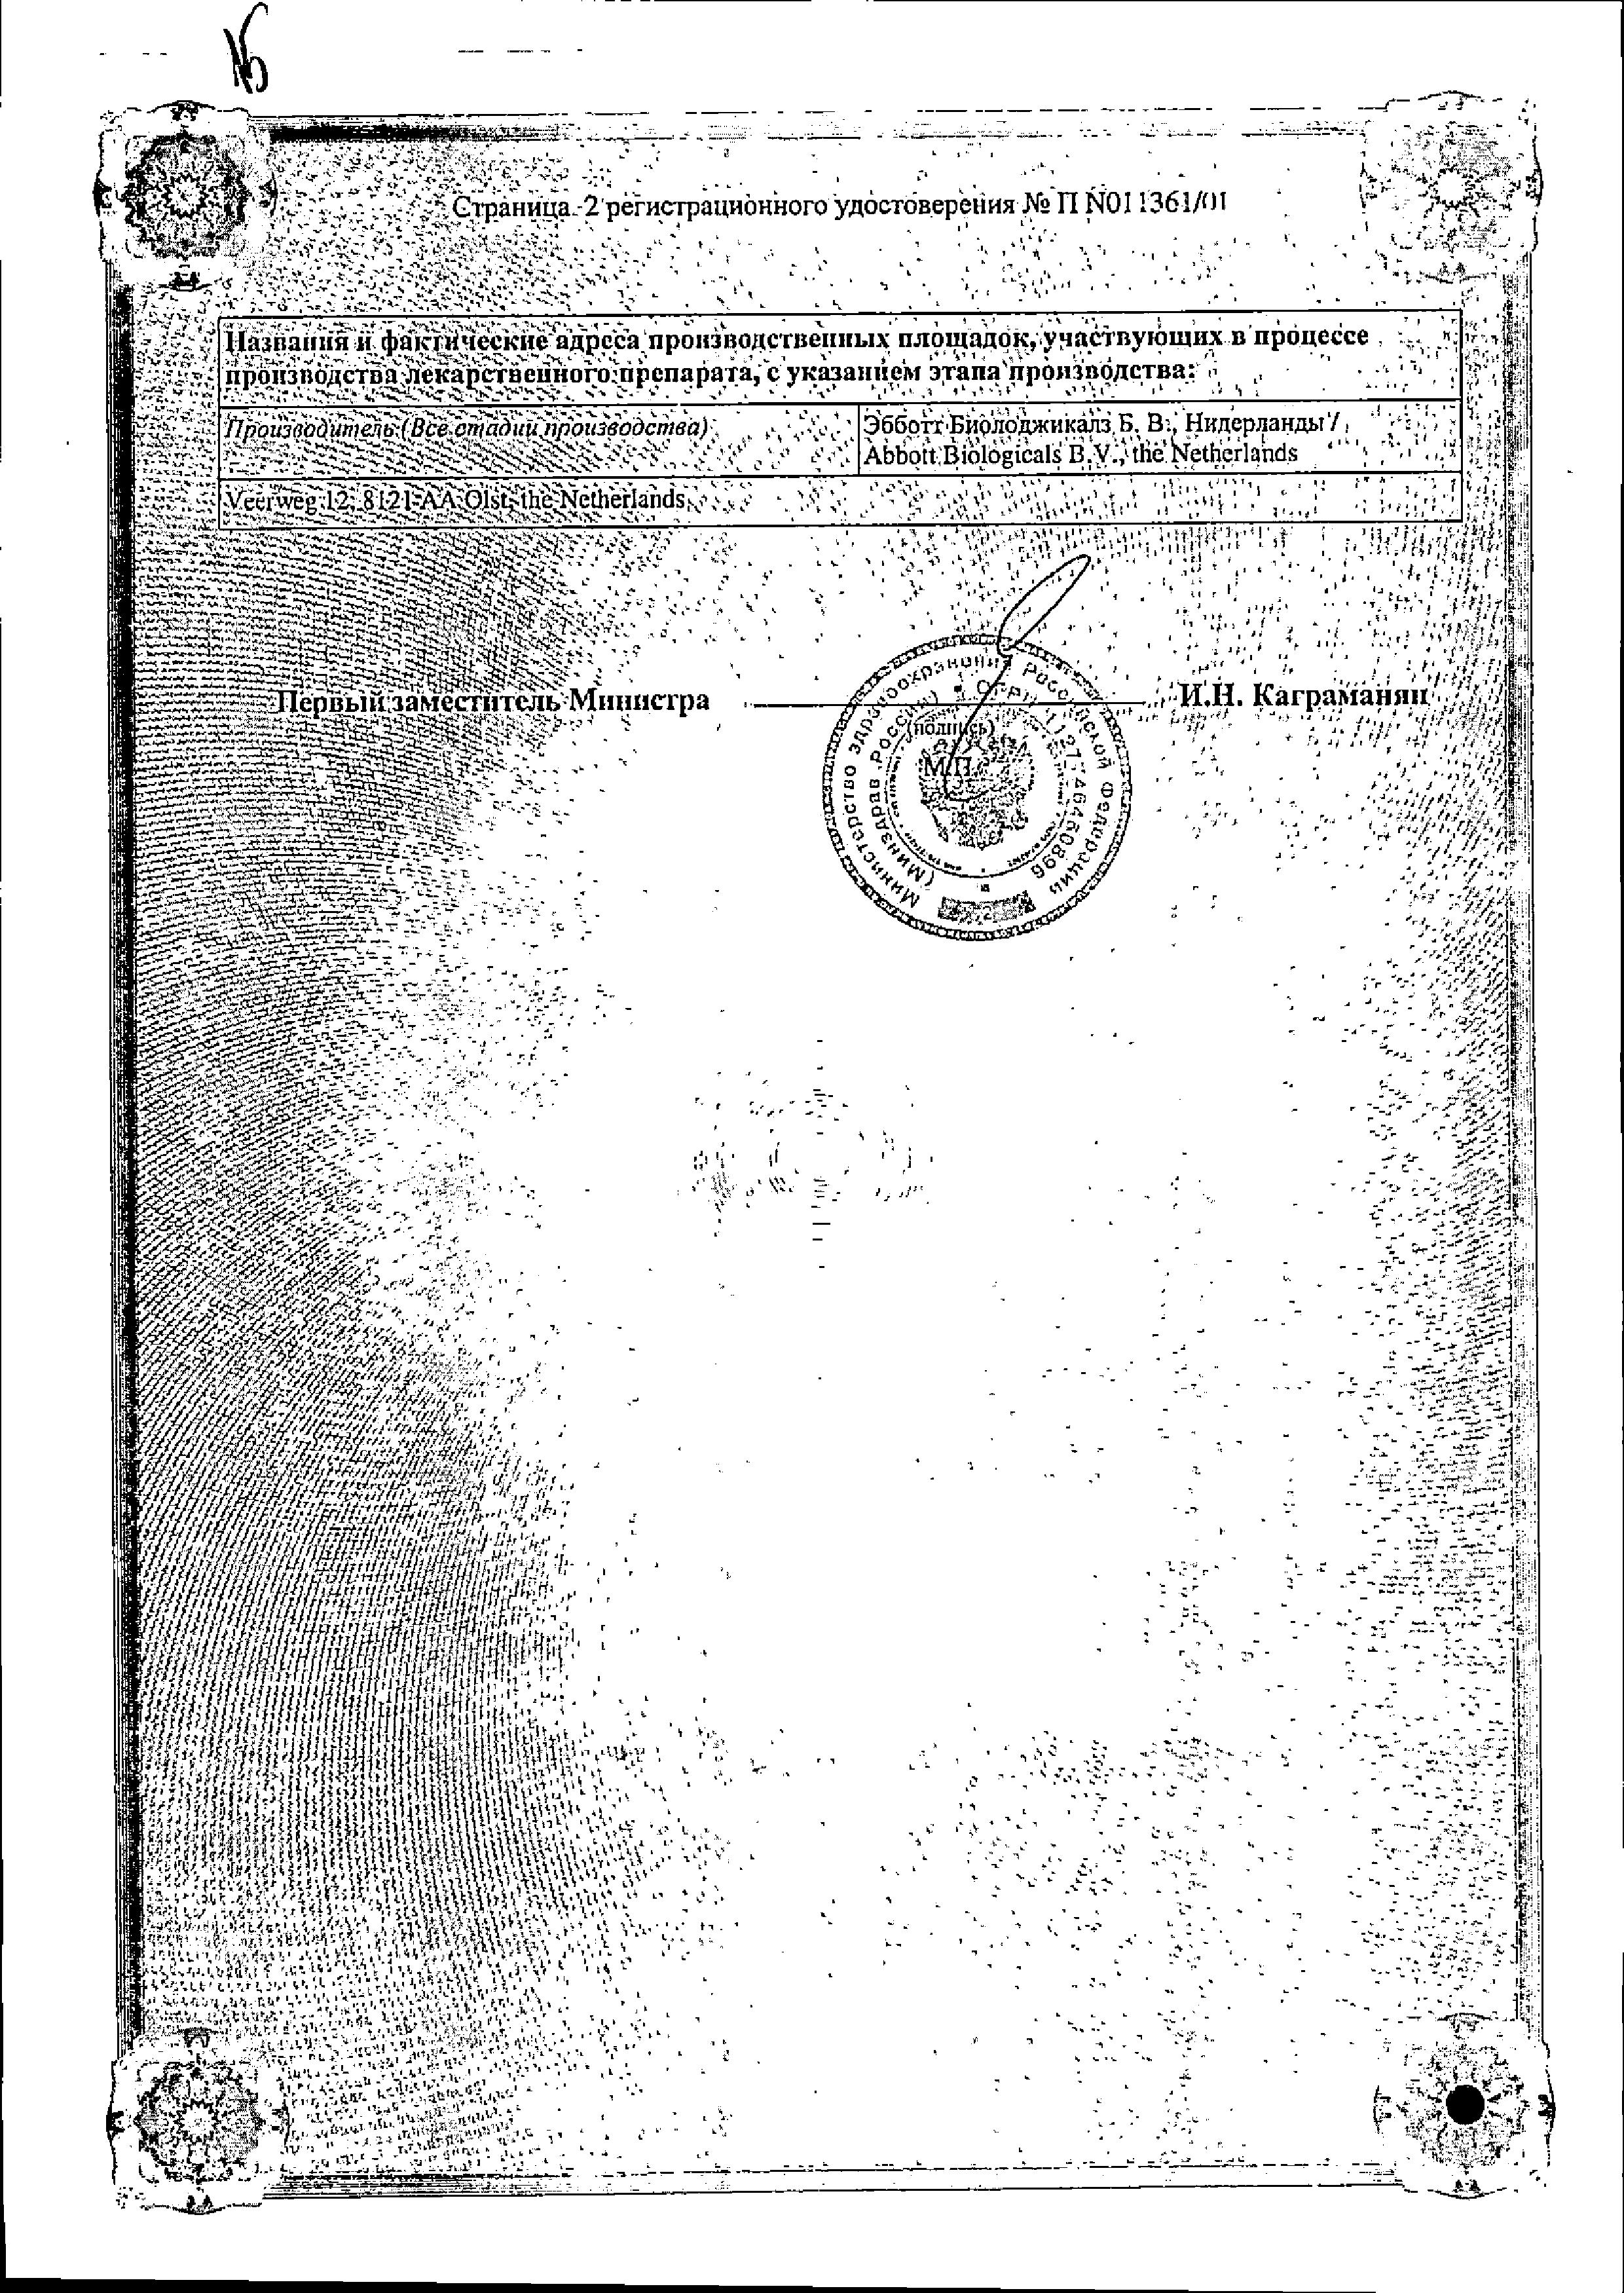 Фемостон 1 сертификат